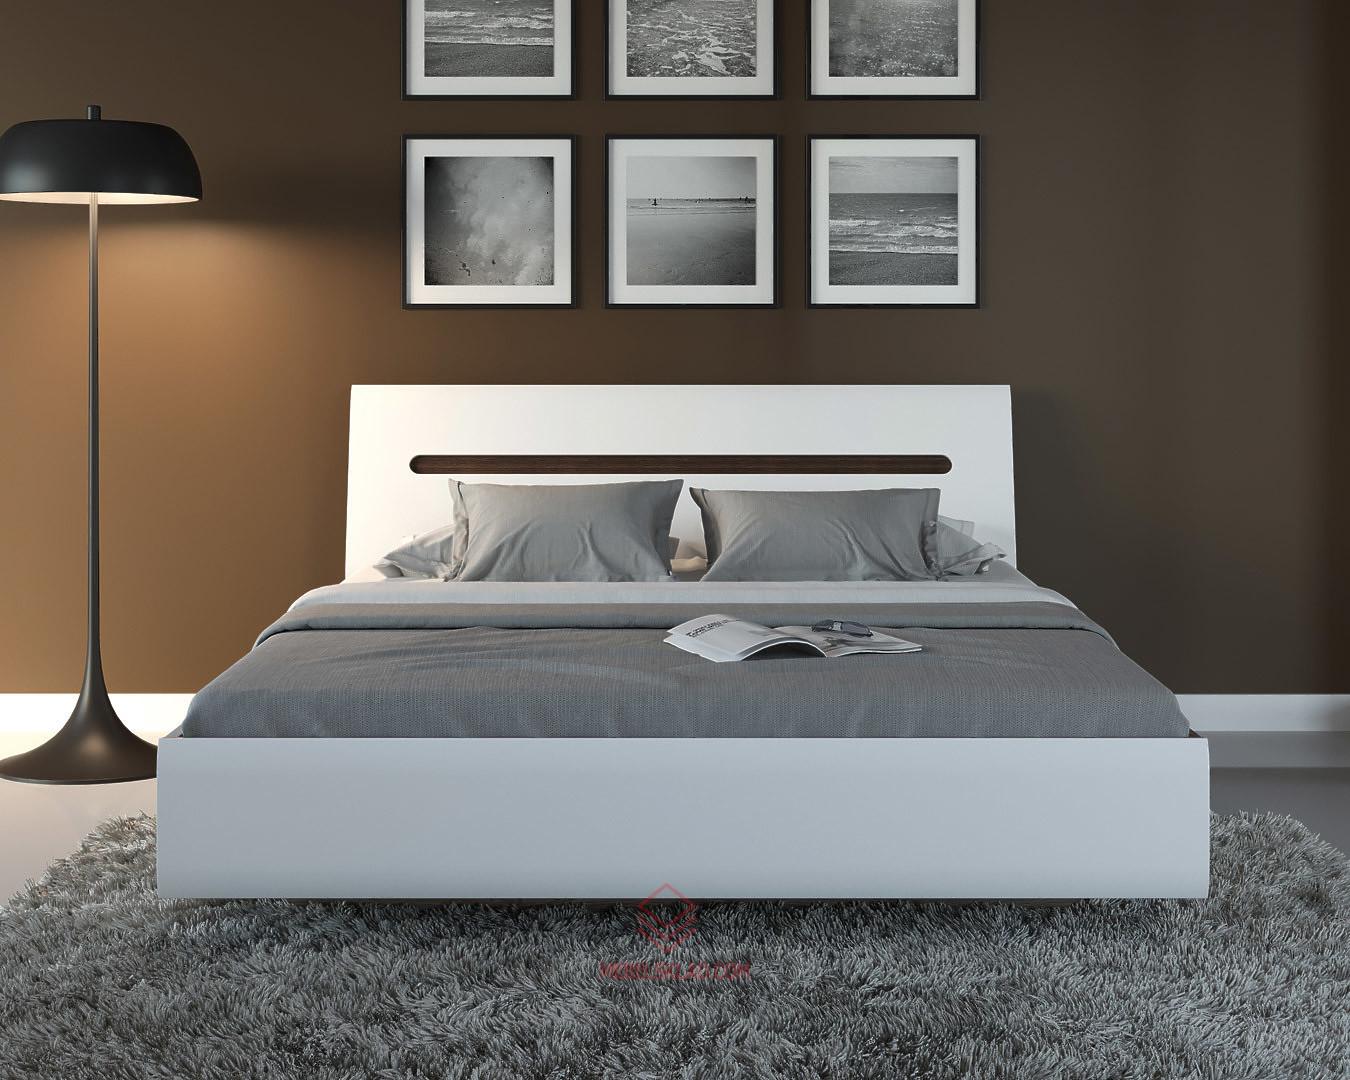 AZTECA Кровать LOZ180x200 белый с металлическим основанием